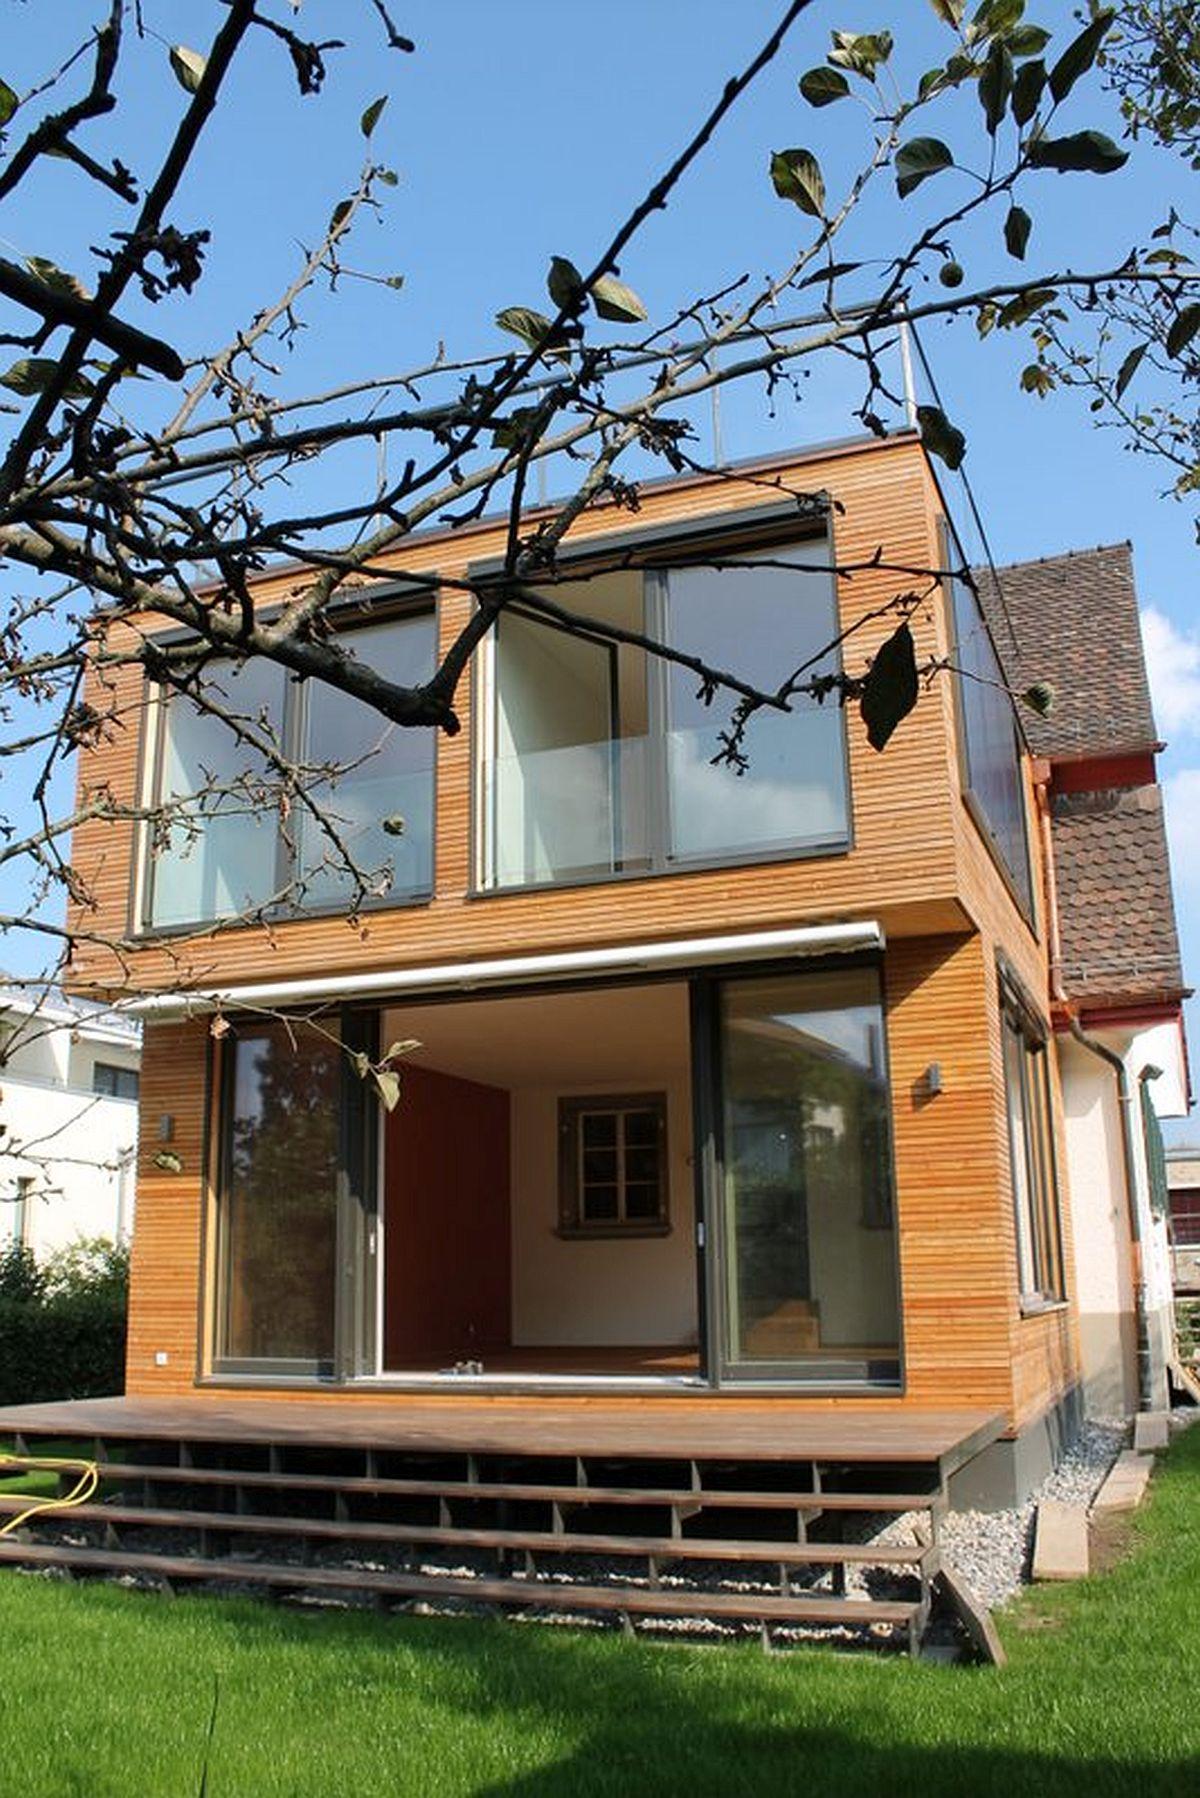 Sistemul de construcție cu panouri de paie se pretează foarte bine și pentru casele cu arhitectură contemporană, air finisajul exterior nu e musai să fie doar cu tencuieli minerale, ci poate fi și de tip lambriu.